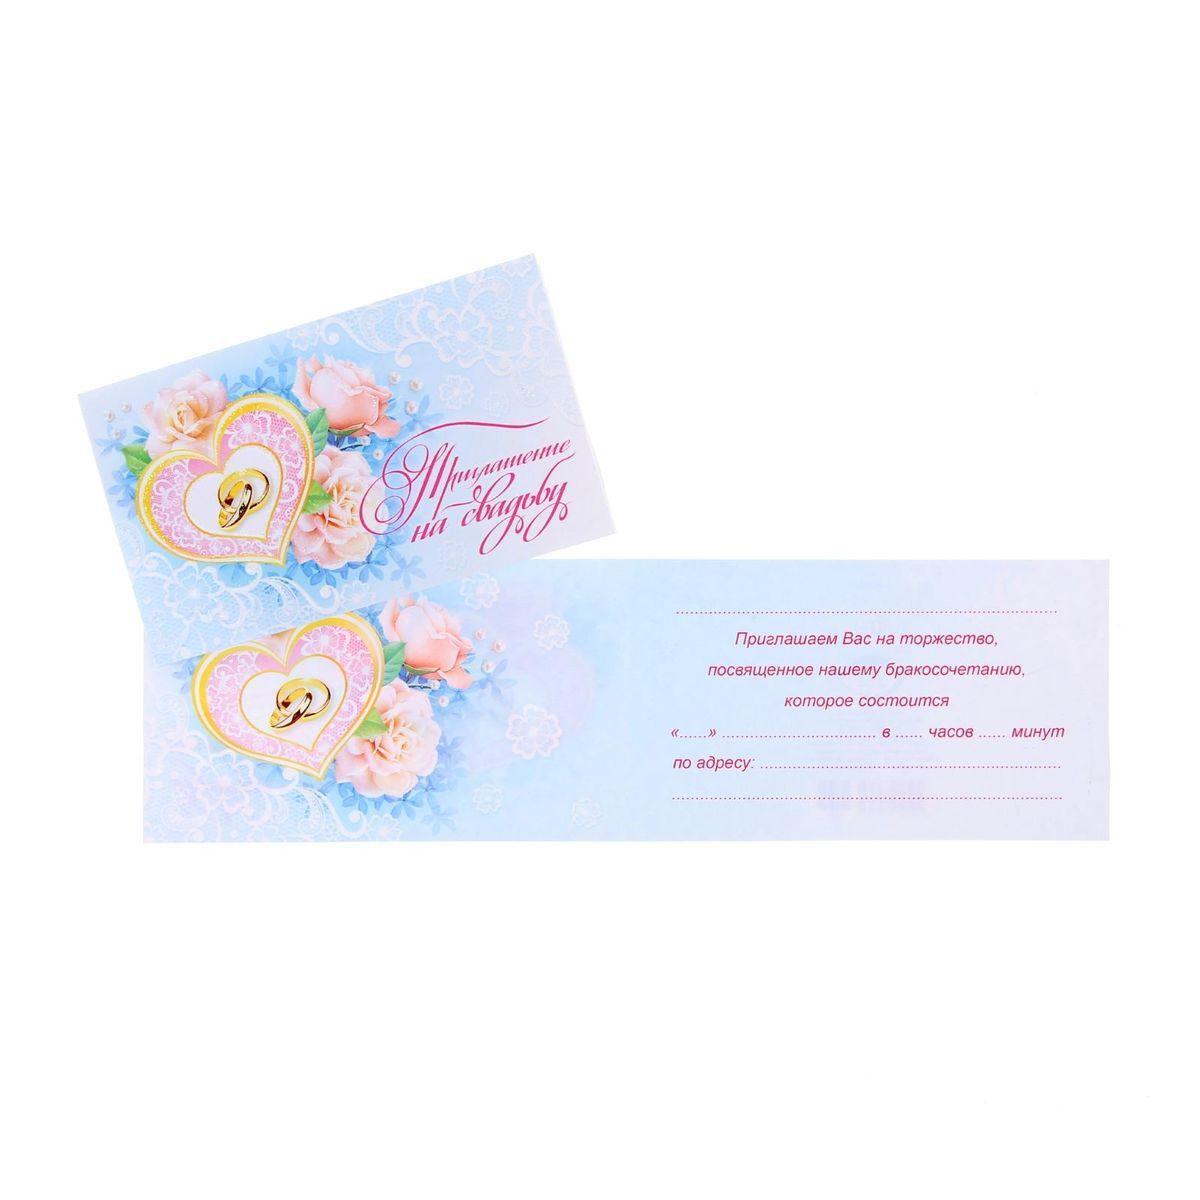 Мир открыток Приглашение на свадьбу, сердце и кольца